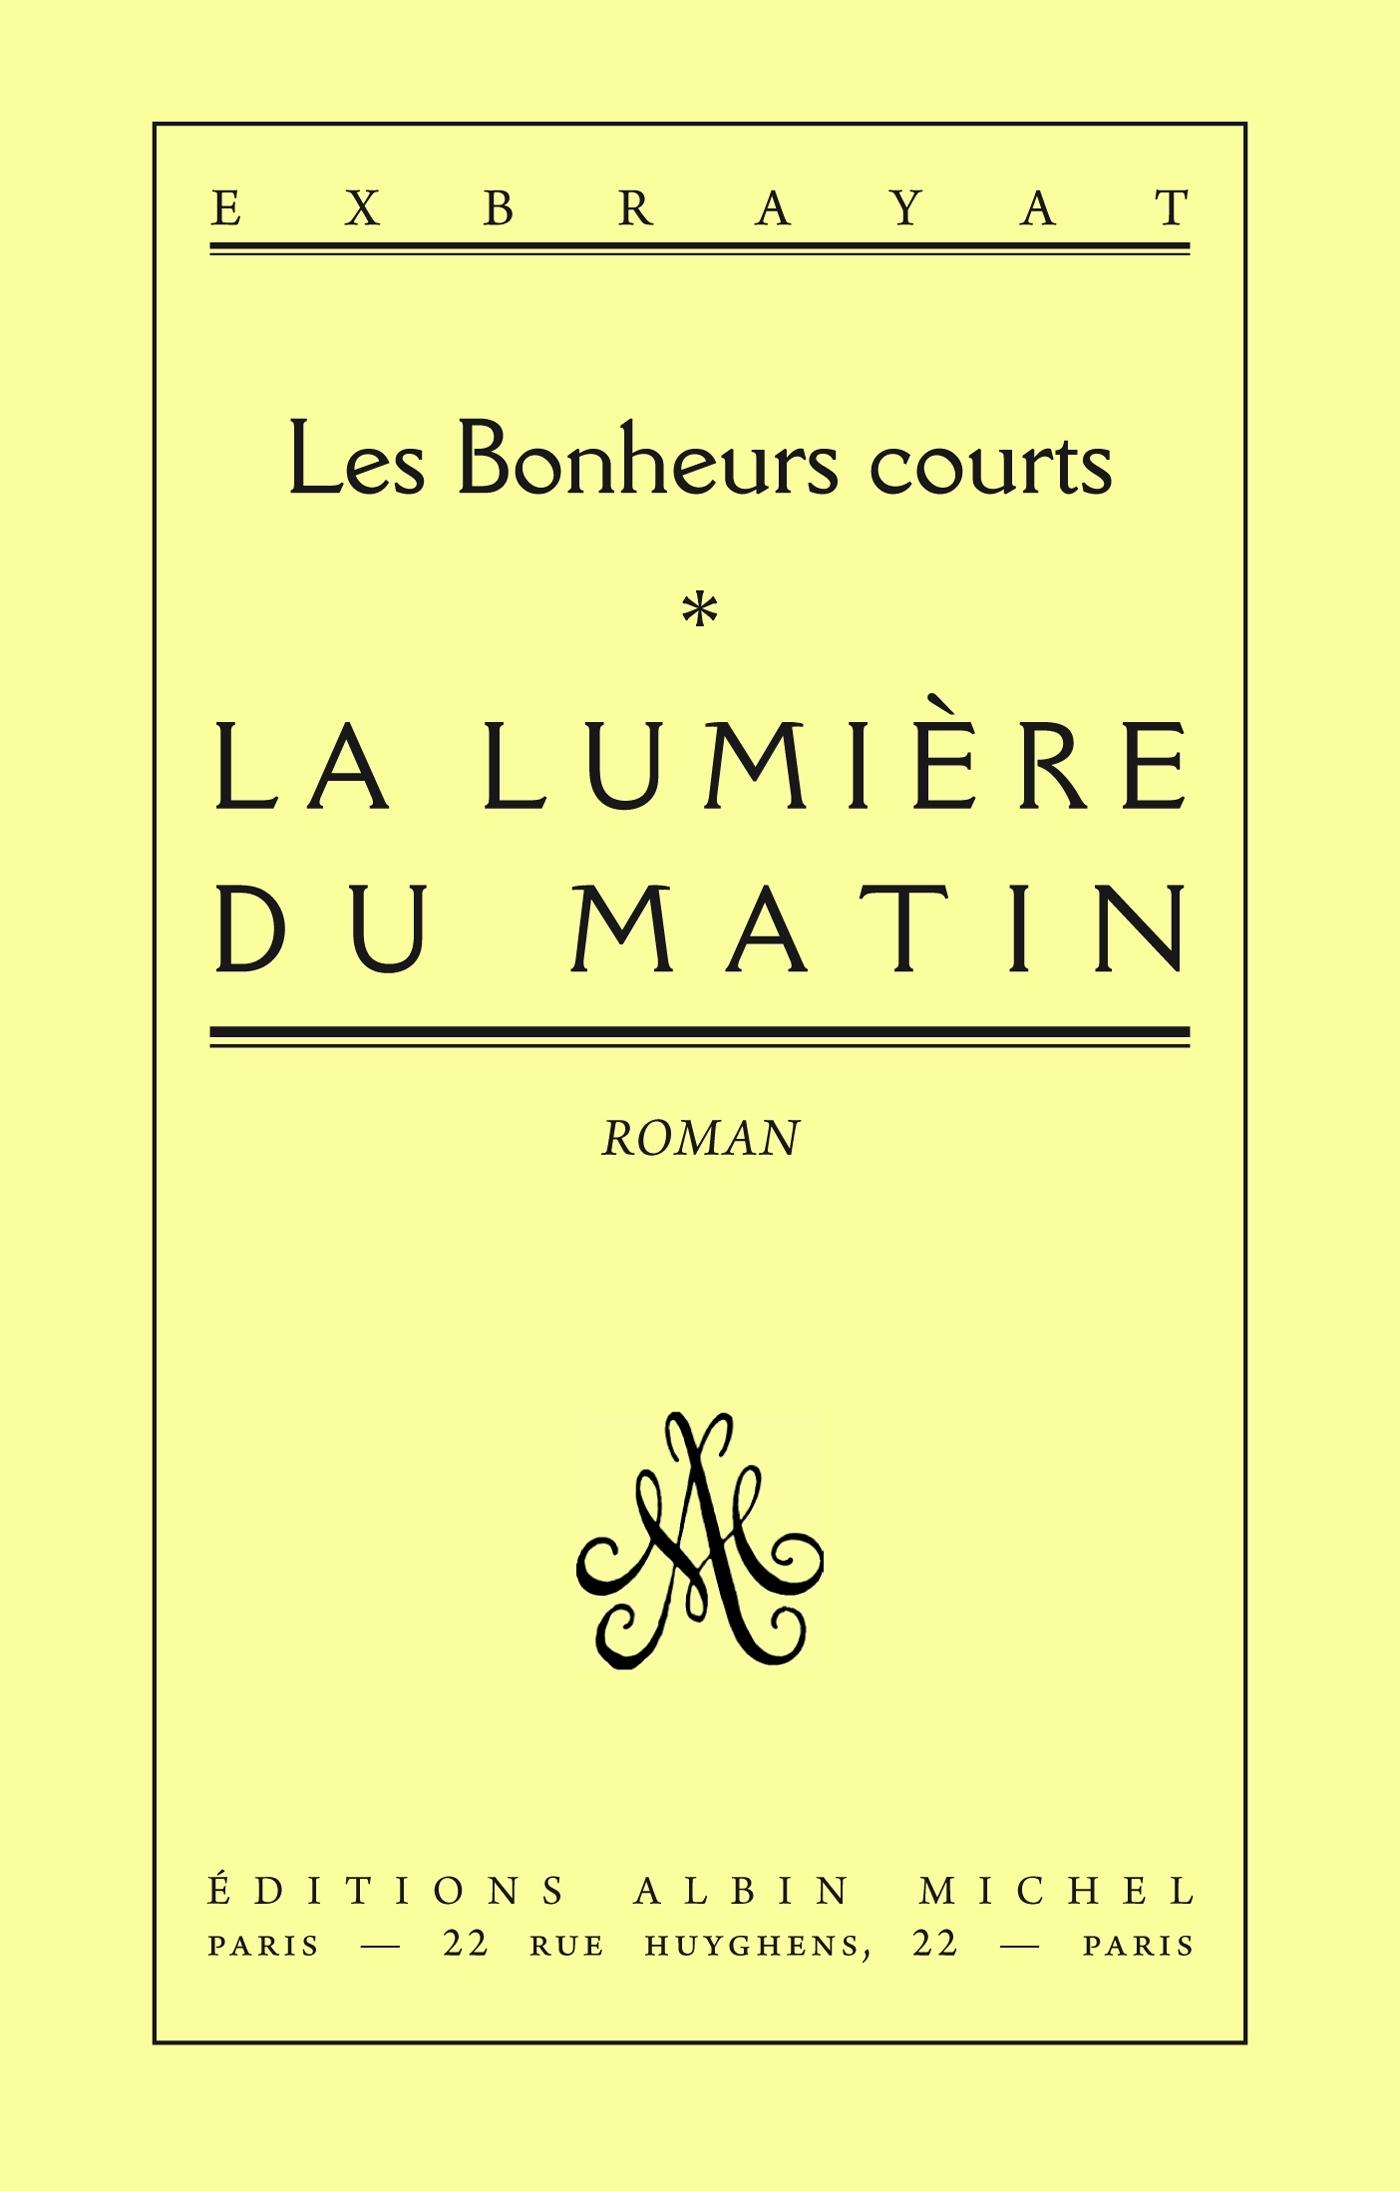 LA LUMIERE DU MATIN - LES BONHEURS COURTS 1